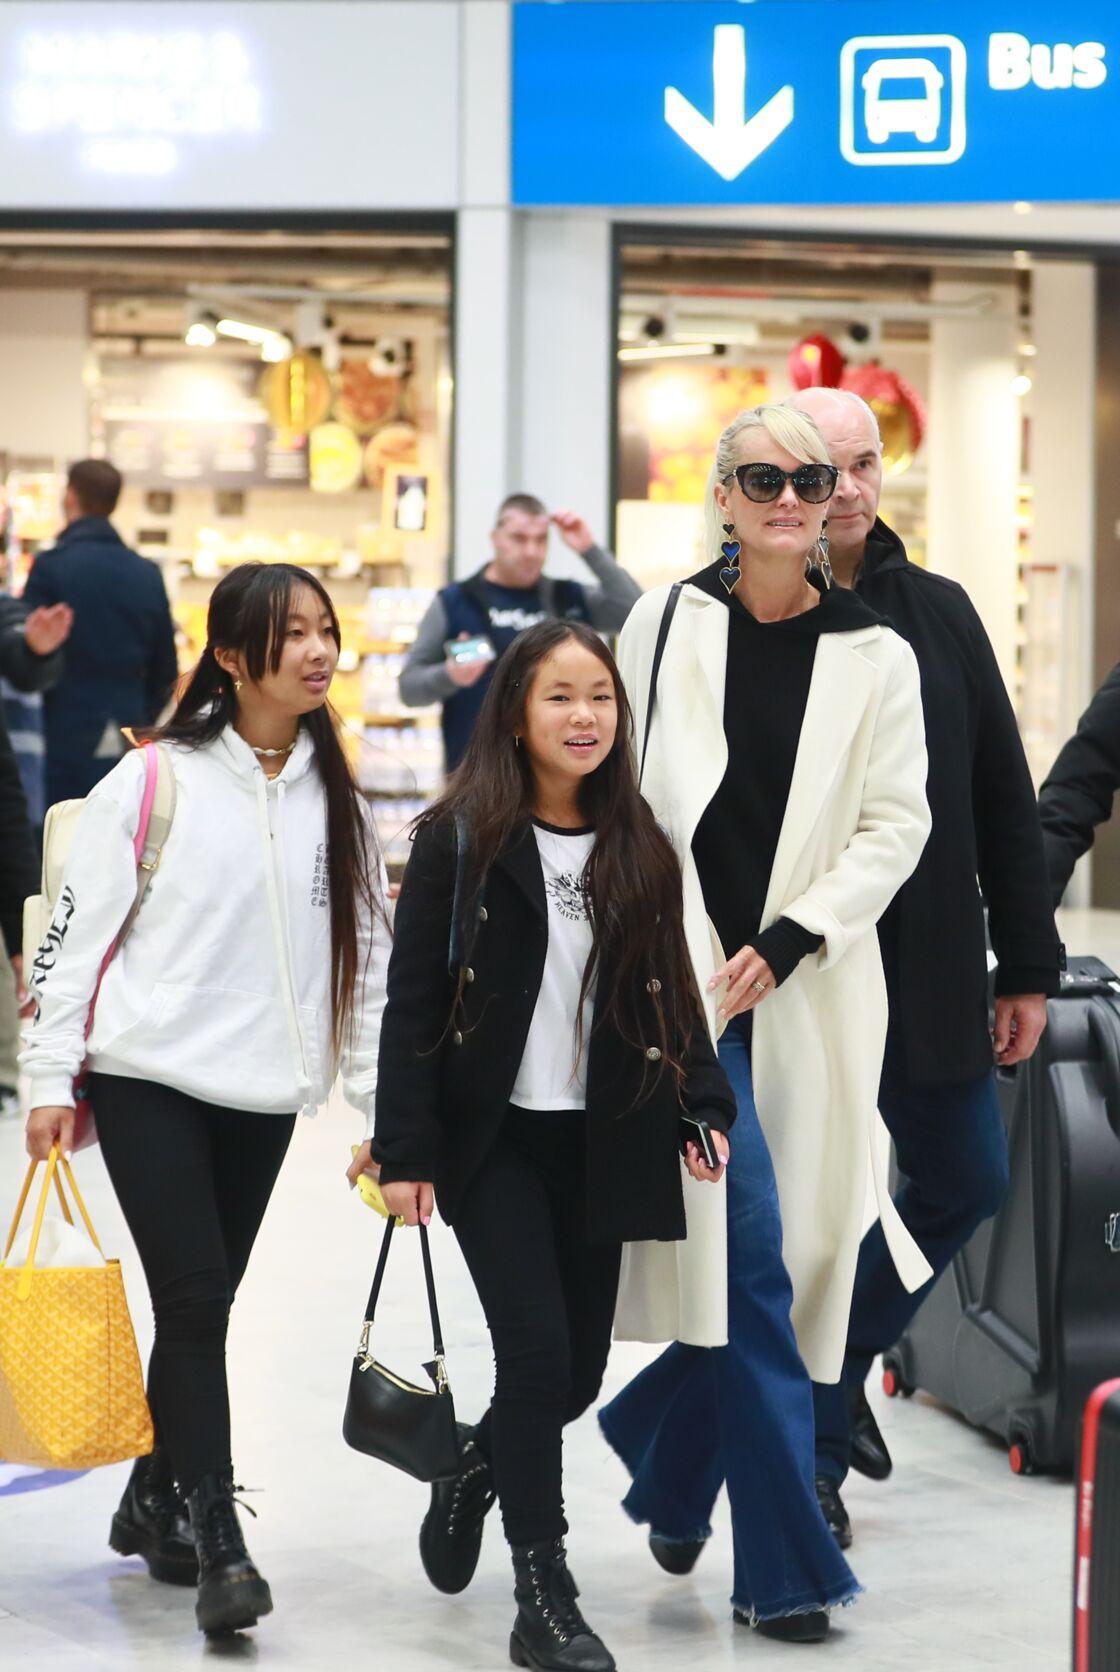 Laeticia Hallyday arrive en famille avec ses filles et sa mère à l'aéroport Roissy CDG le 19 novembre 2019